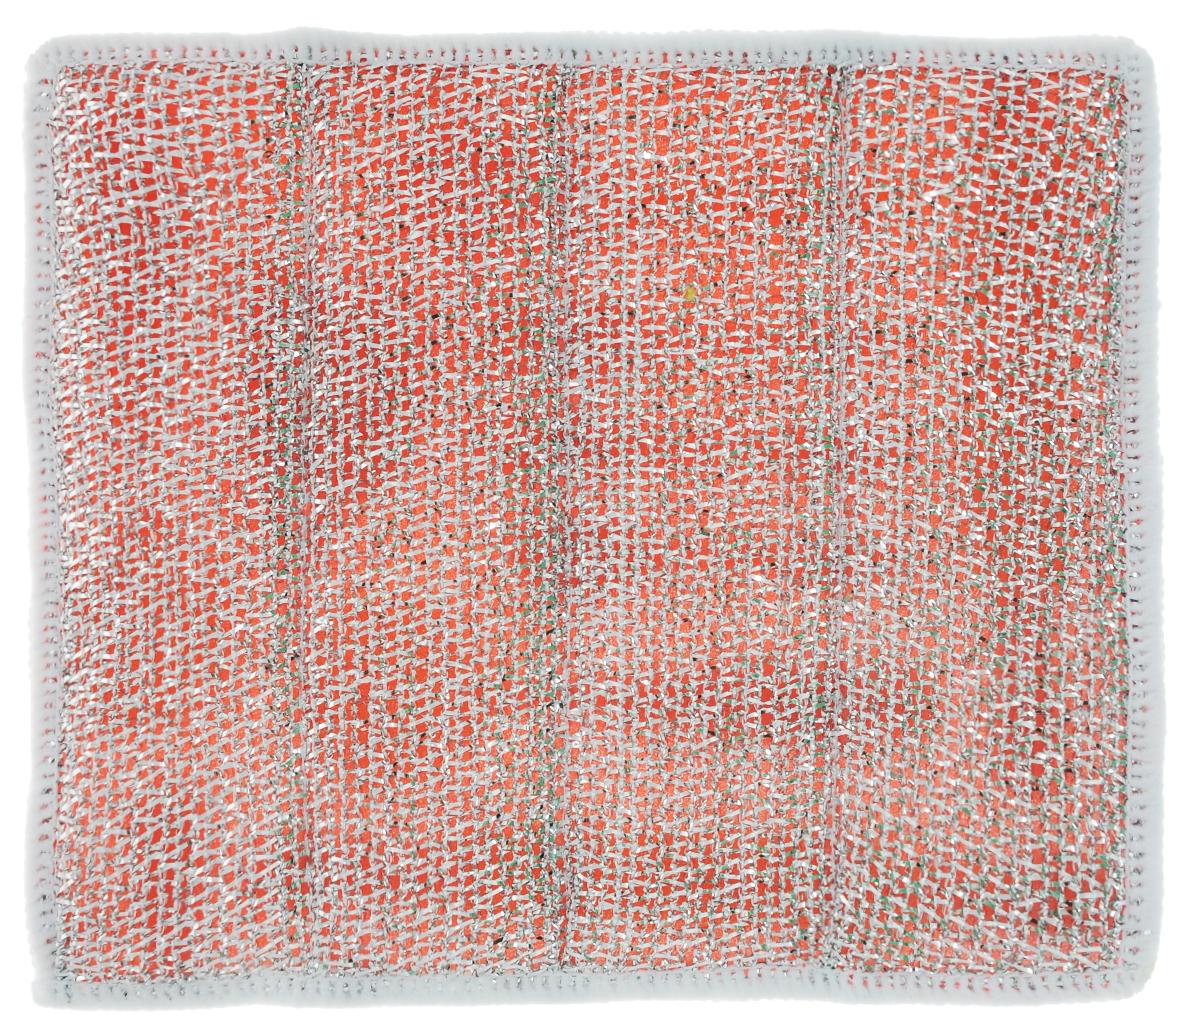 Салфетка для стеклокерамических плит Хозяюшка Мила, цвет: серебристый, красный, белый, 21 х 17 см5002Салфетка для стеклокерамических плит Хозяюшка Мила станет незаменимым помощником на кухне. Жесткая сторона из фольгированного материала предназначена для очистки сильно загрязненных поверхностей. Мягкая сторона из микрофибры прекрасно впитывает влагу, удаляет грязь и пыль с деликатных поверхностей. Размер салфетки: 21 см х 17 см.